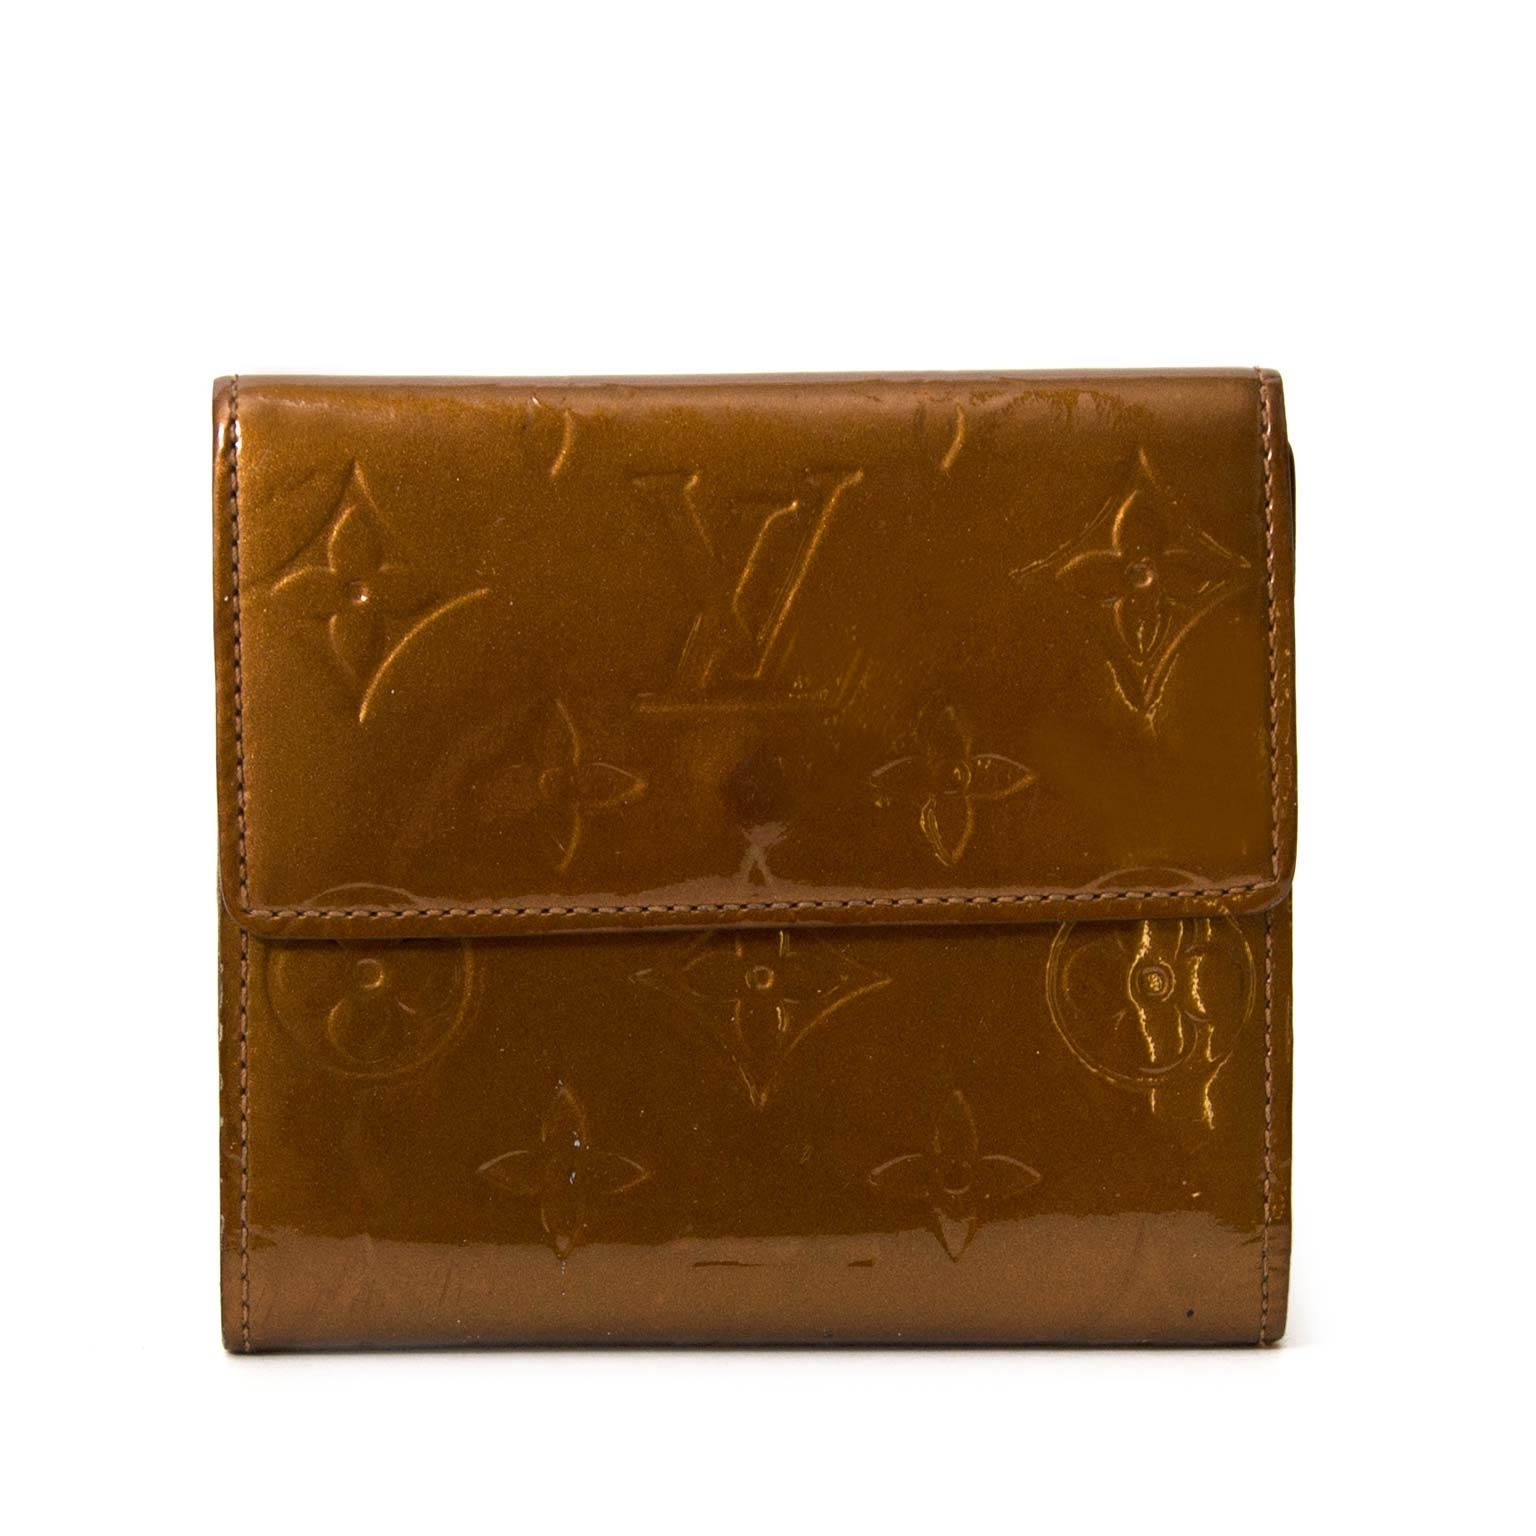 cd9b0e1ebadb ... Koop en verkoop uw authentieke Louis Vuitton Bronze Vernis Leather  Elise Wallet aan de beste prijs